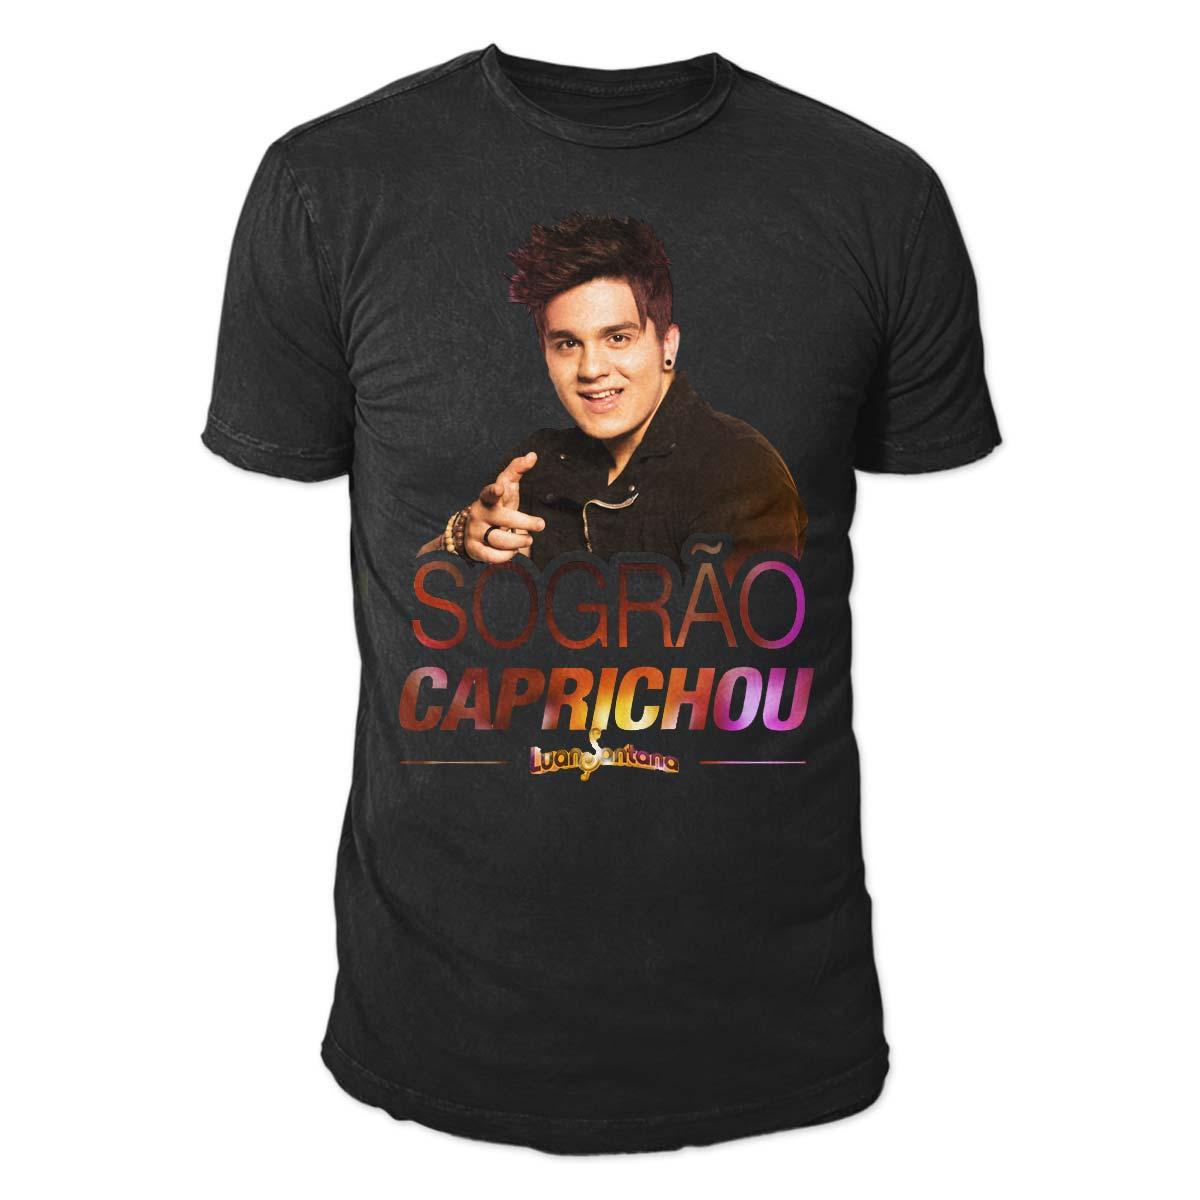 Camiseta Masculina Luan Santana - Sogrão Caprichou PRETA